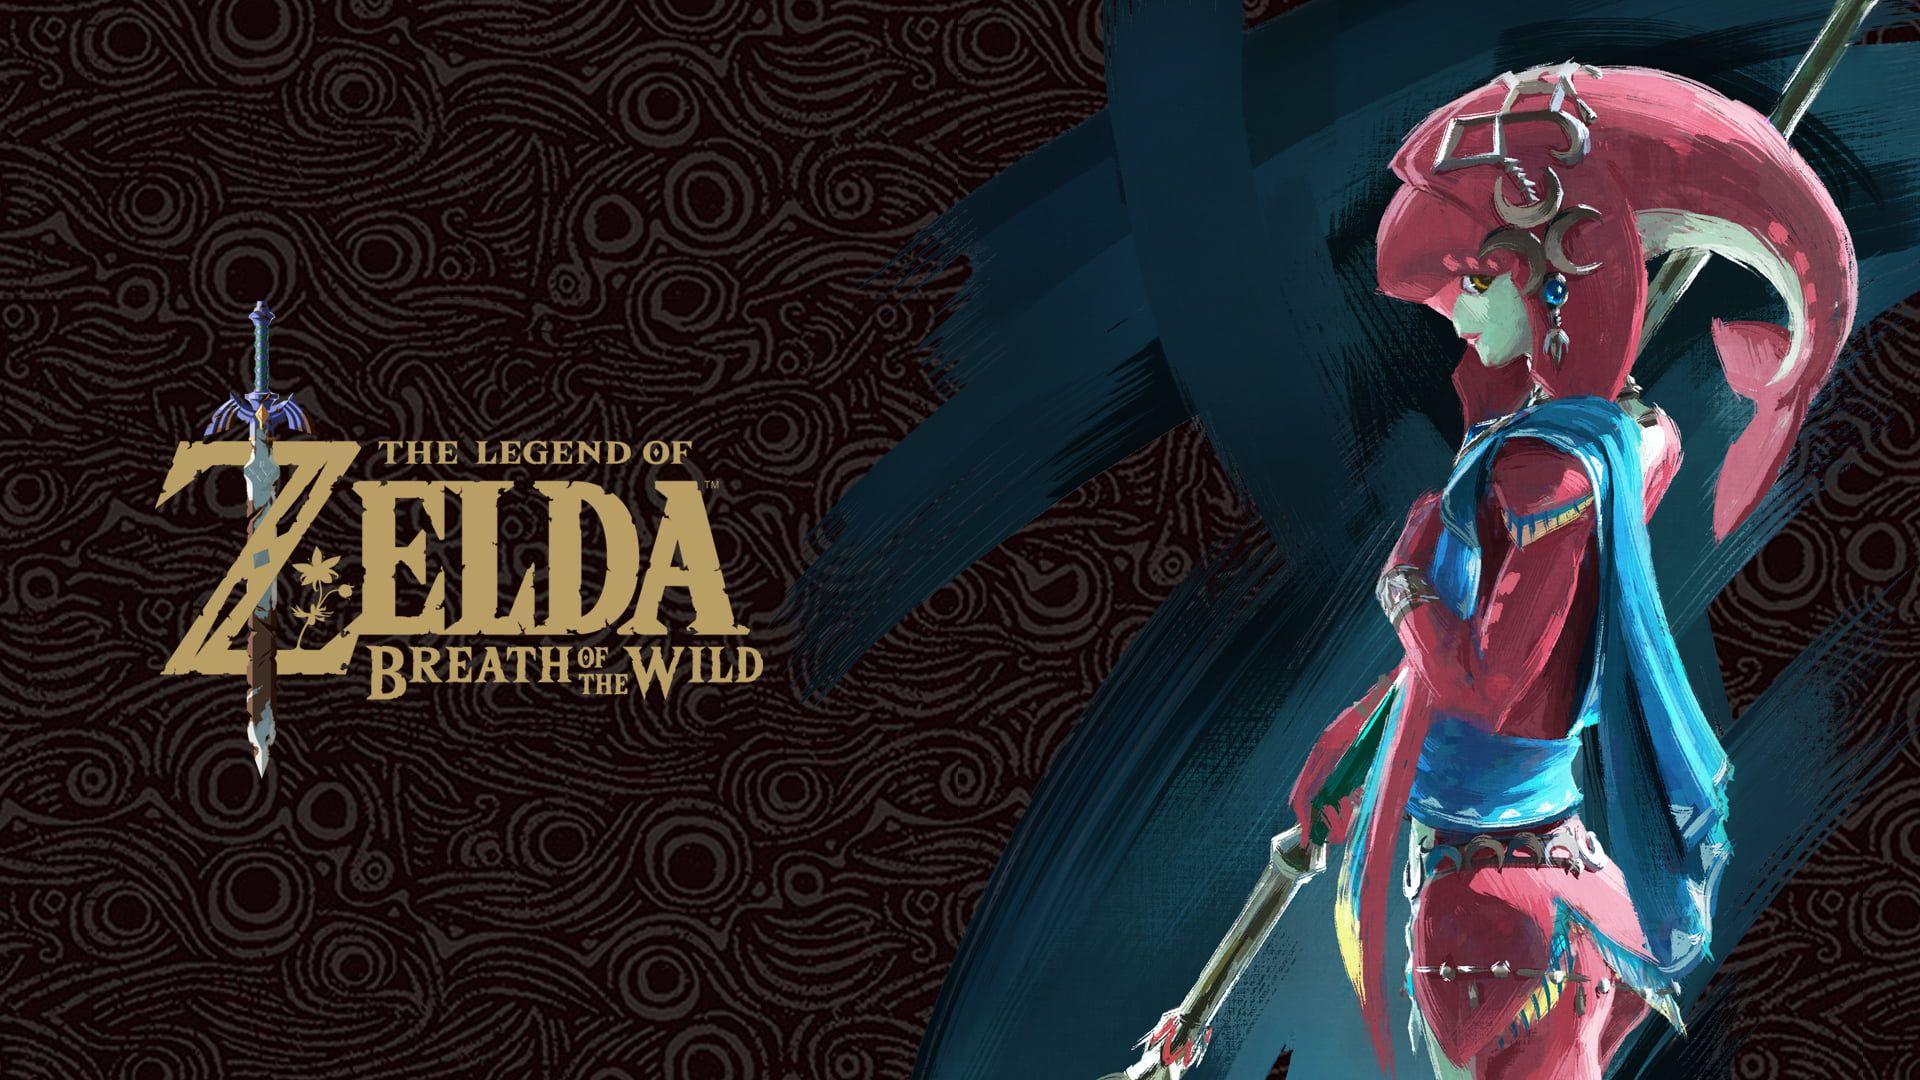 Zelda The Legend Of Zelda Breath Of The Wild Mipha The Legend Of Zelda 1080p Wallpaper Hdwallpape Breath Of The Wild Legend Of Zelda Character Wallpaper